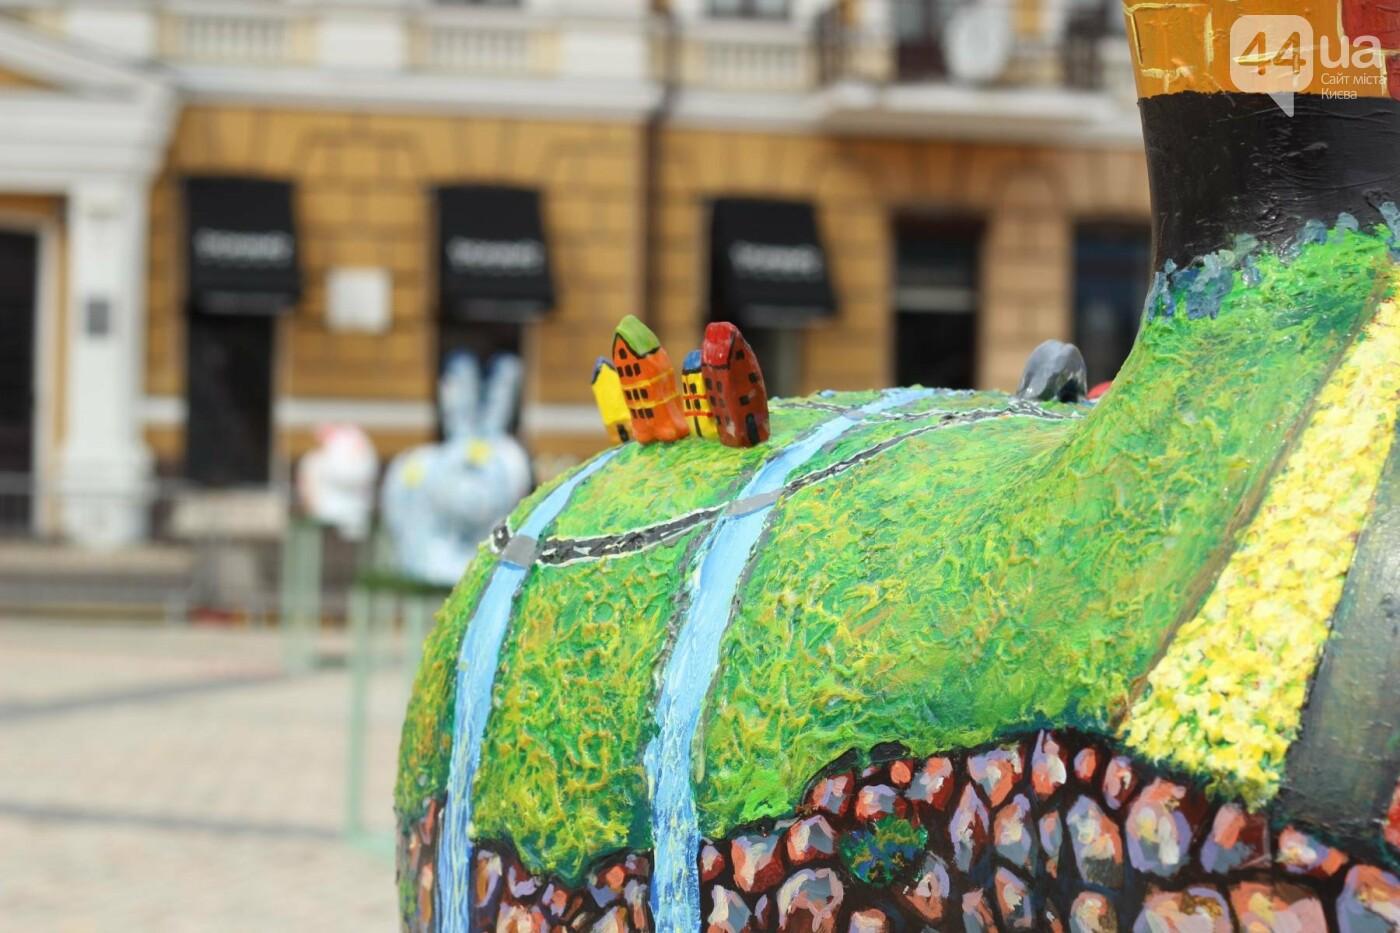 Писанки и кролики: как на Софийской площади проходит Пасхальный фестиваль, фото-44